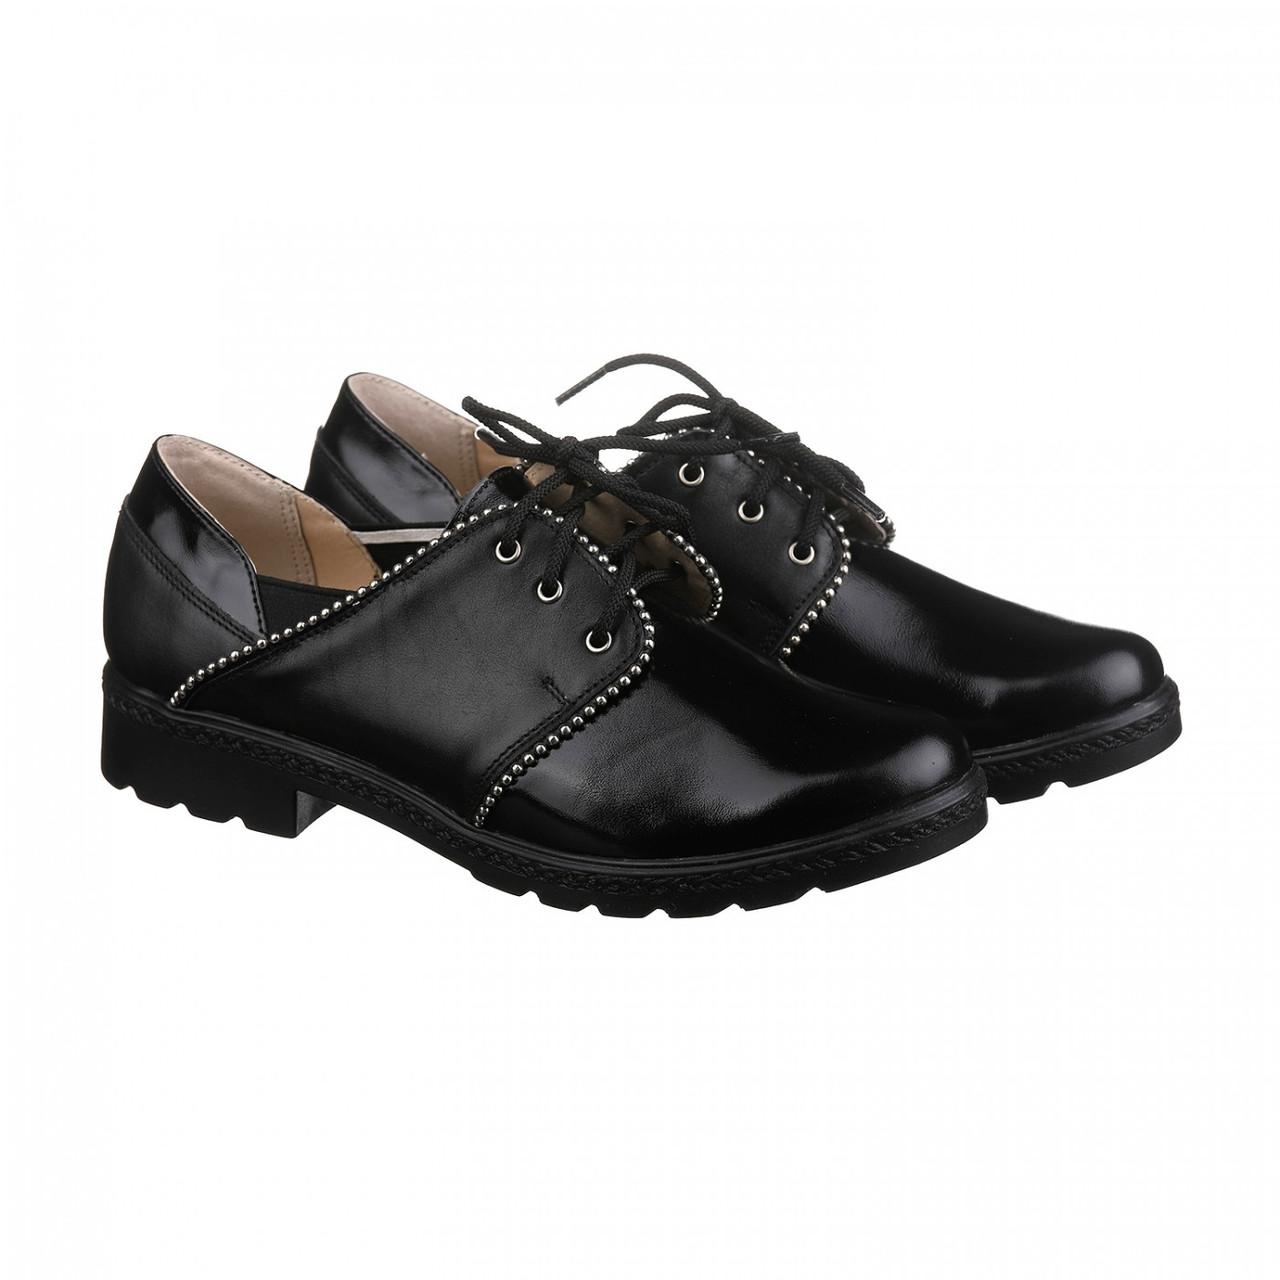 Кожаные классические туфли чёрного цвета на шнуровке